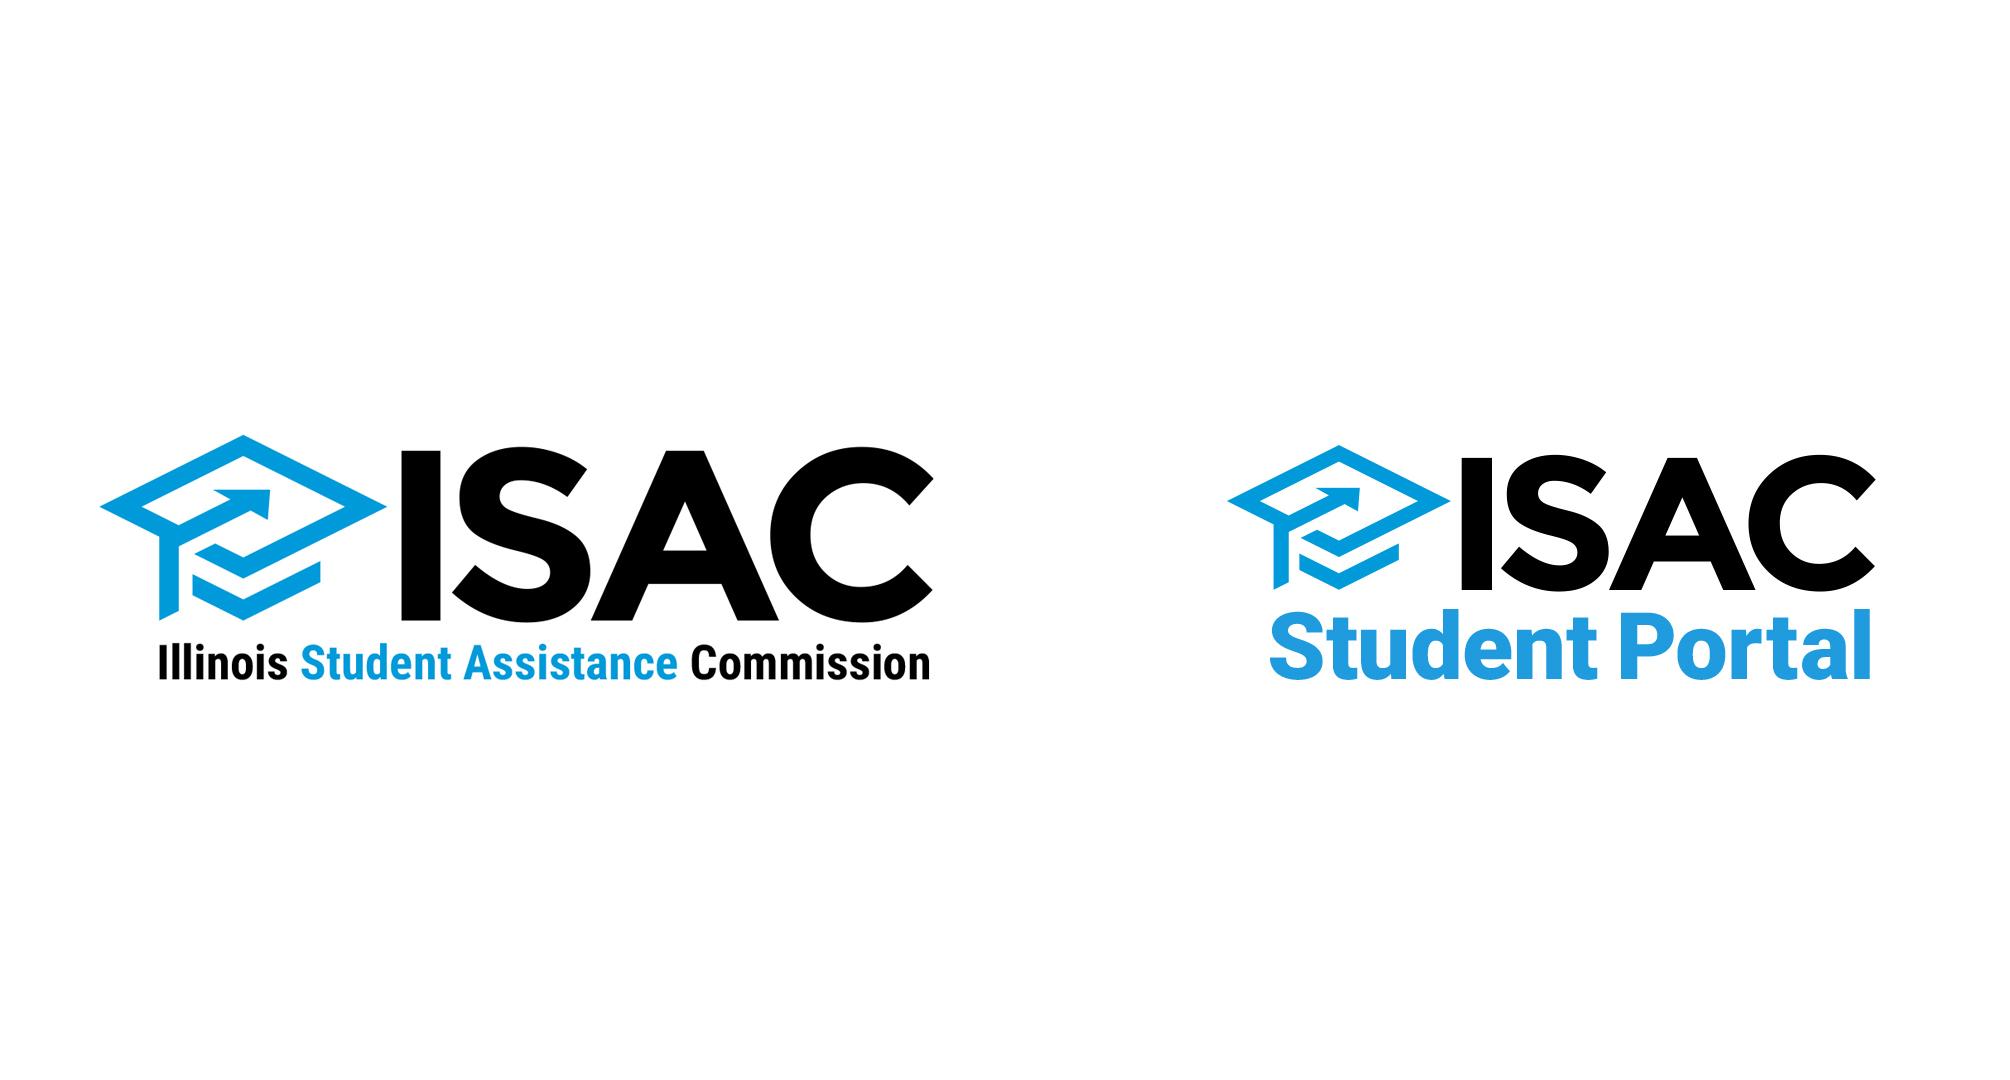 isac_logo.jpg